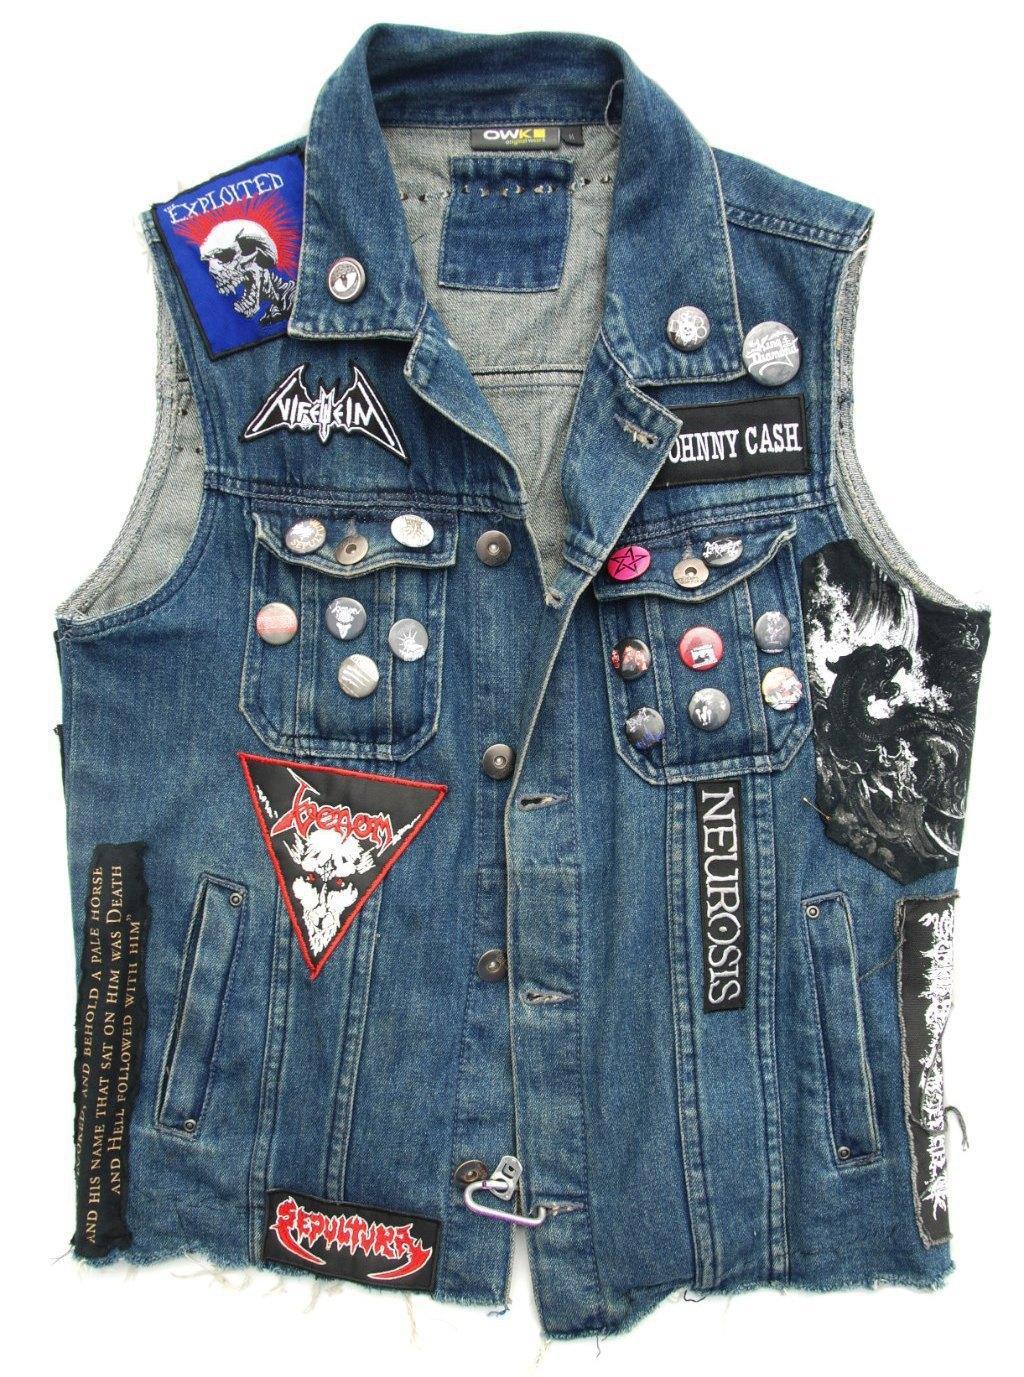 Цельнометаллическая оболочка: Путеводитель по курткам металлистов в формате фоторепортажа. Изображение № 28.